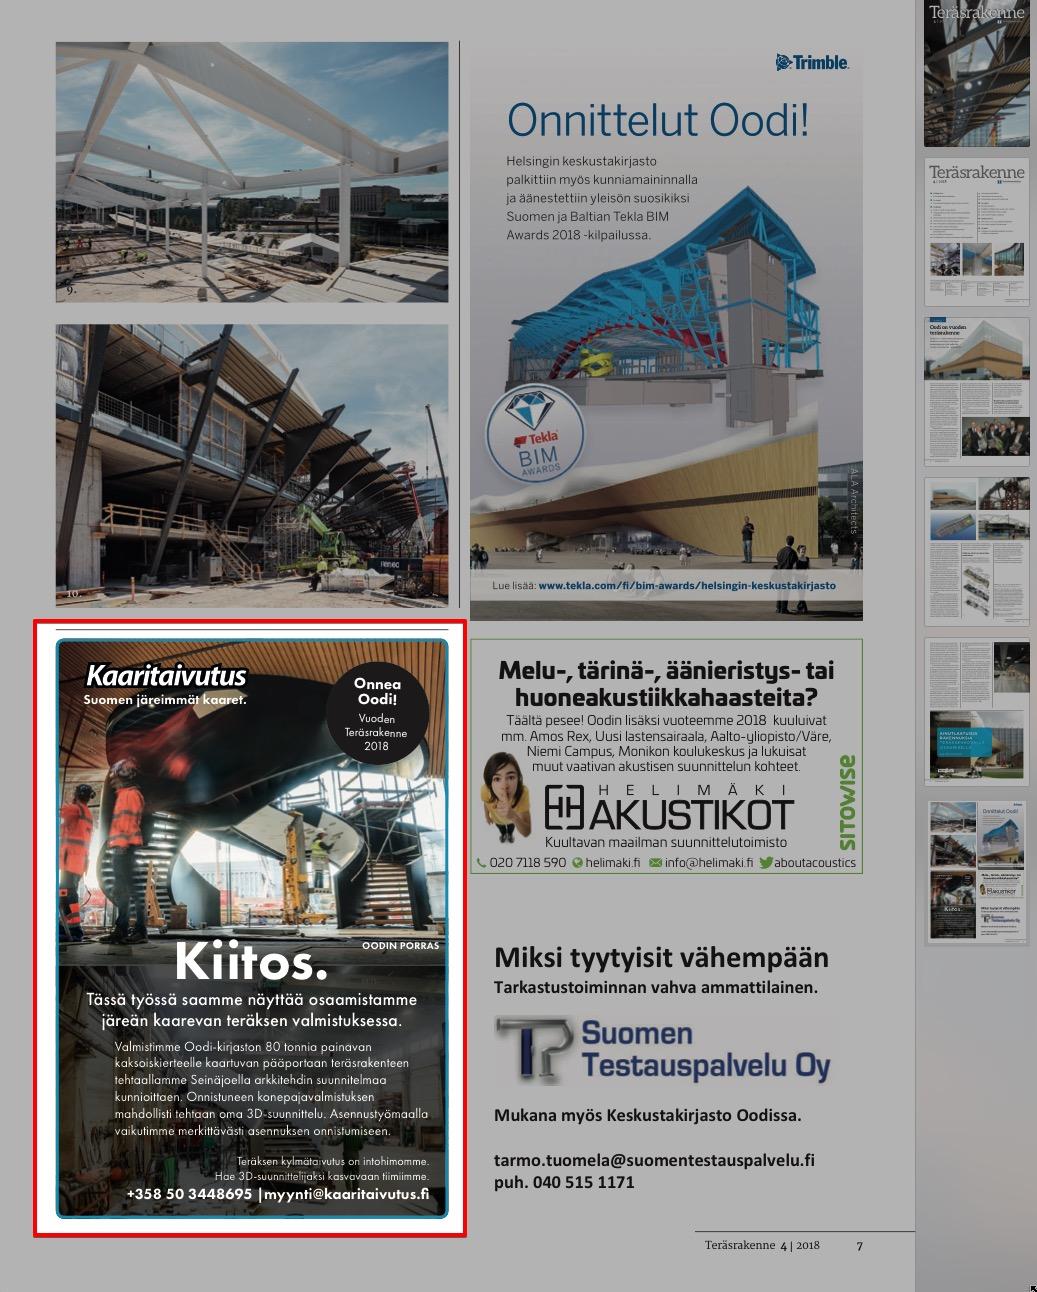 Lehti-ilmoituksemme Oodi-kirjastosta, Teräsrakenne-lehti nro 4/2018.